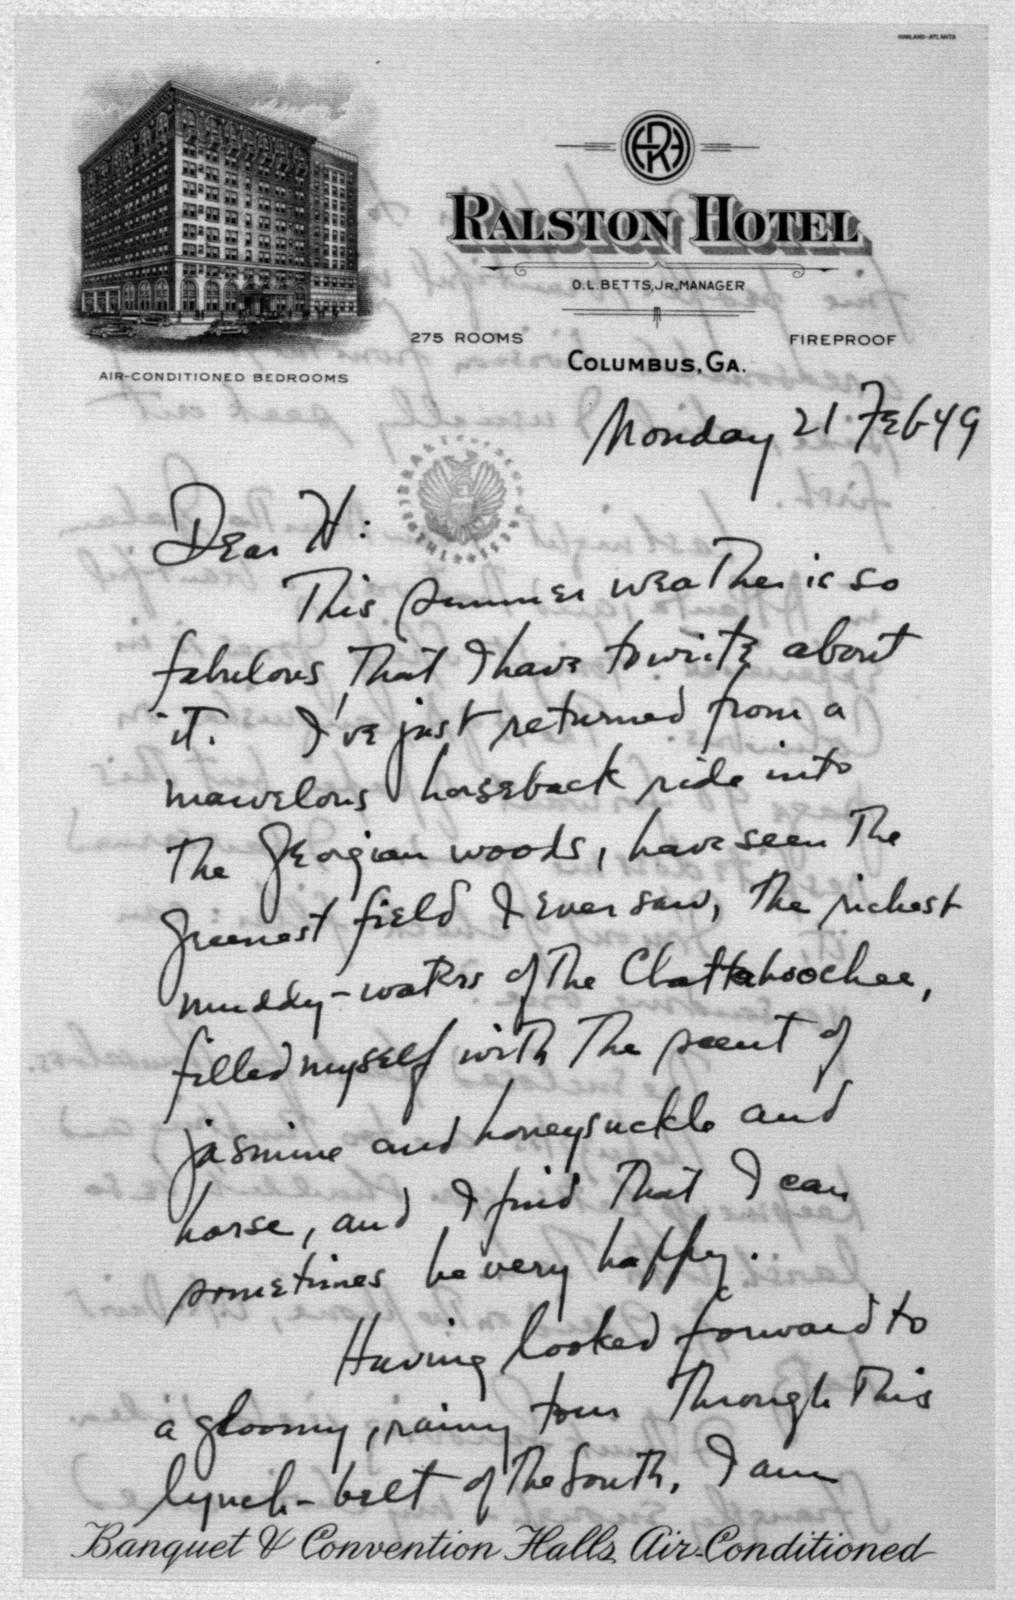 Letter from Leonard Bernstein to Helen Coates, February 21, 1949